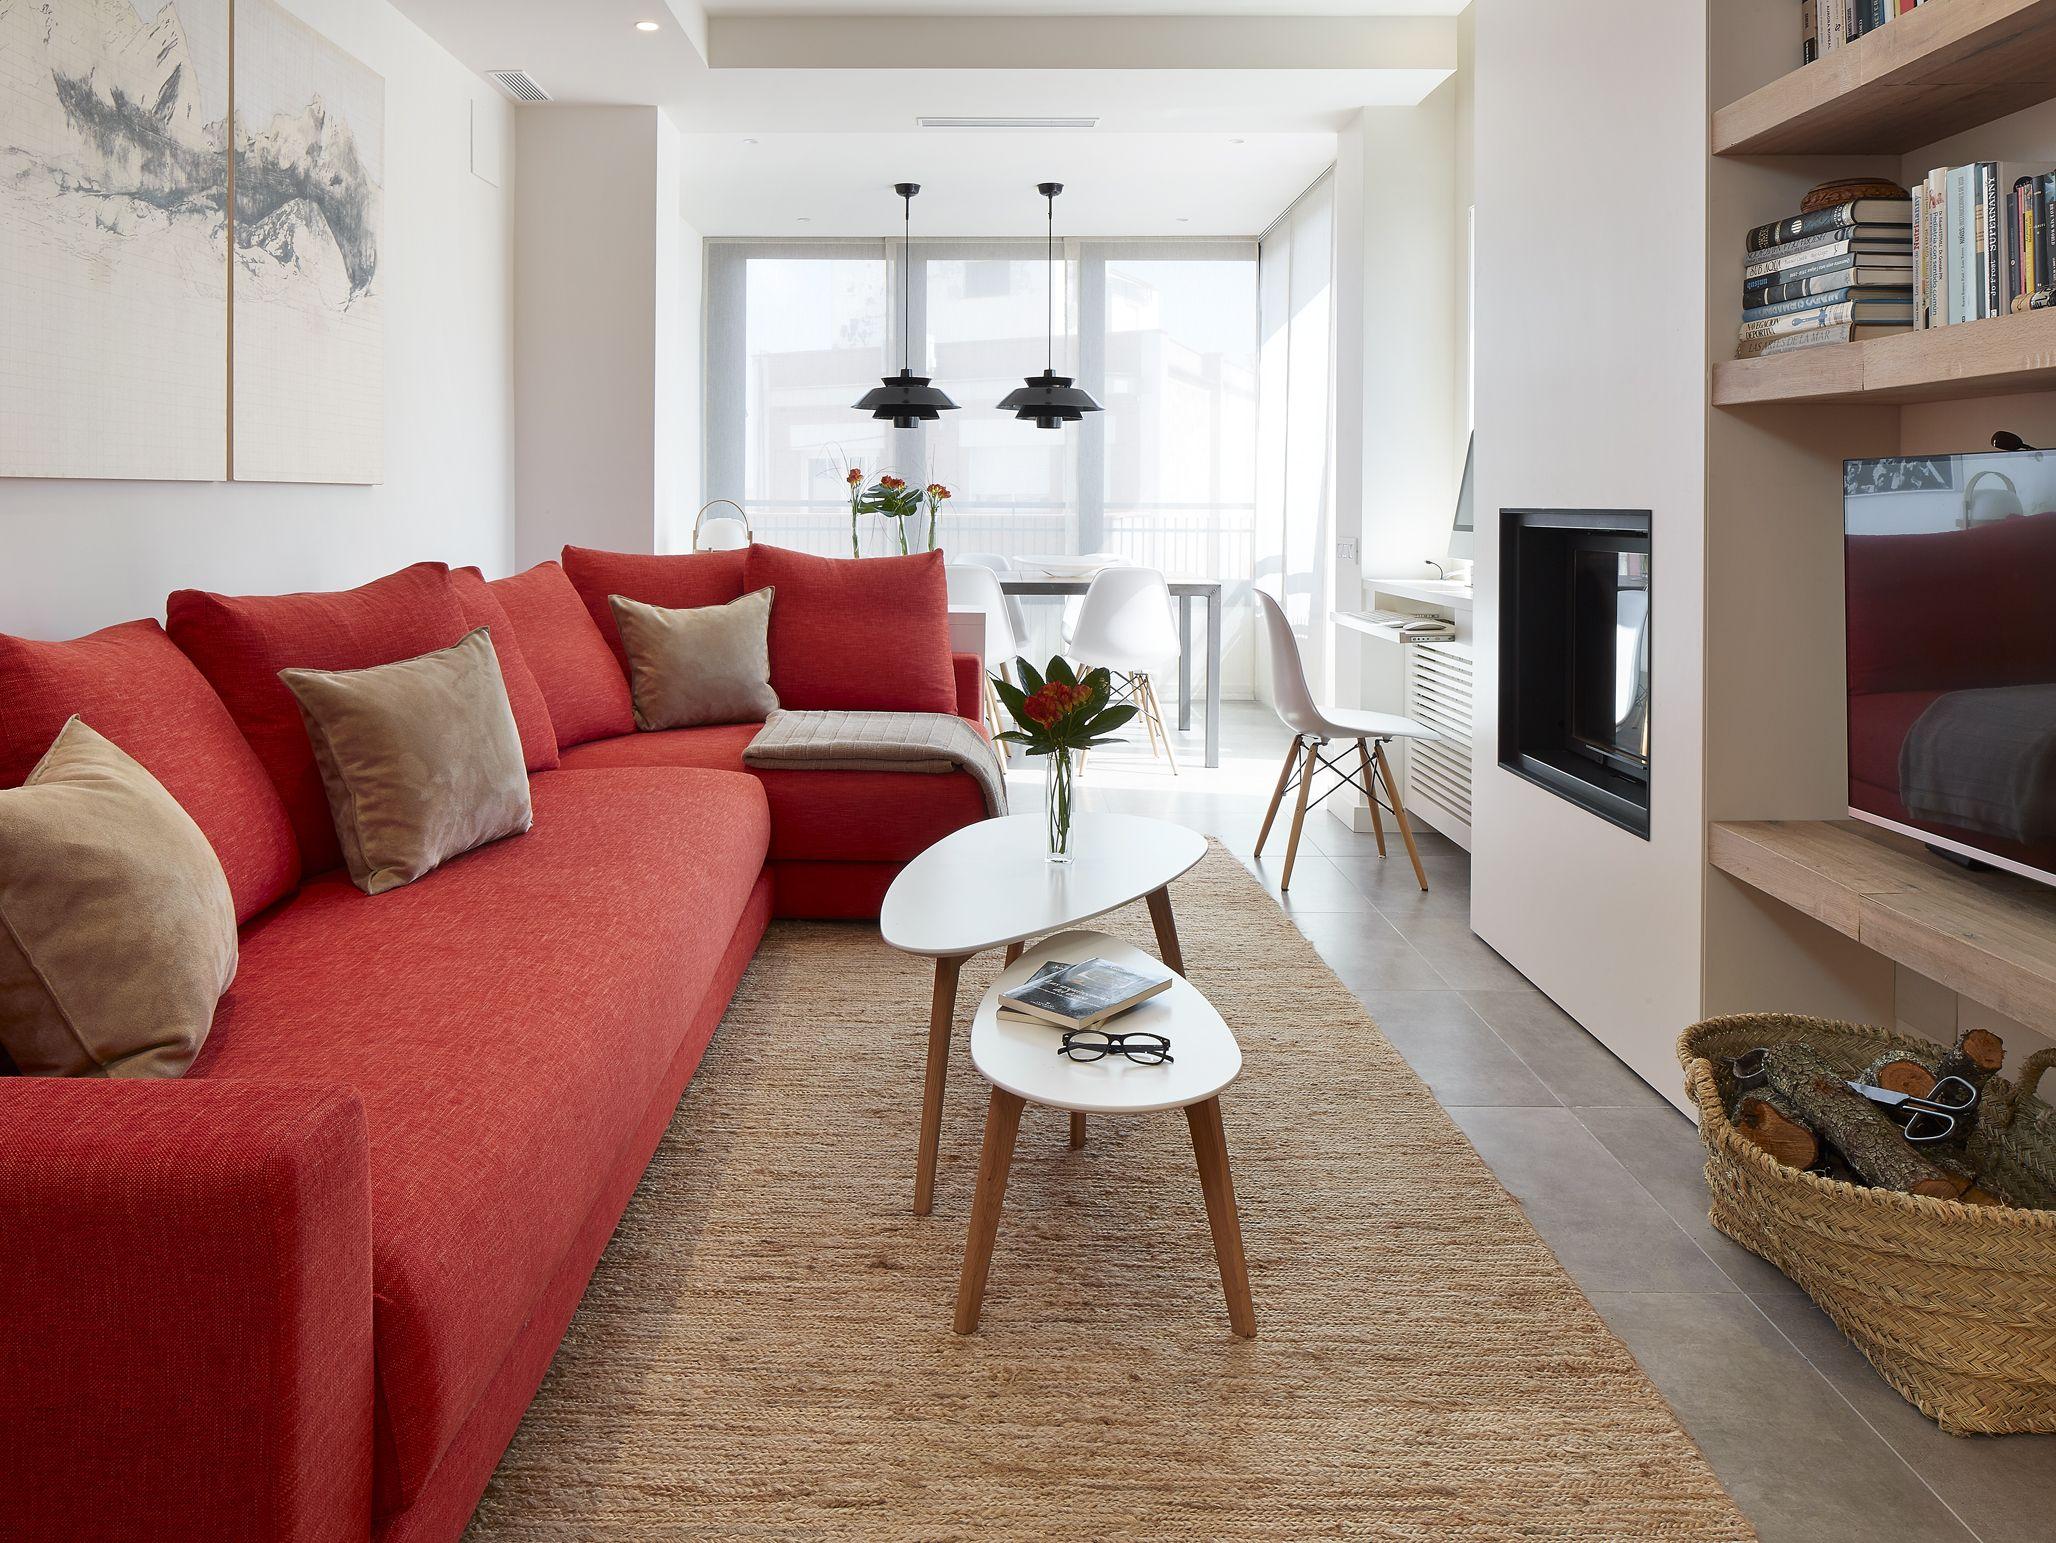 Molins interiors arquitectura interior interiorismo - Salon con sofa rojo ...